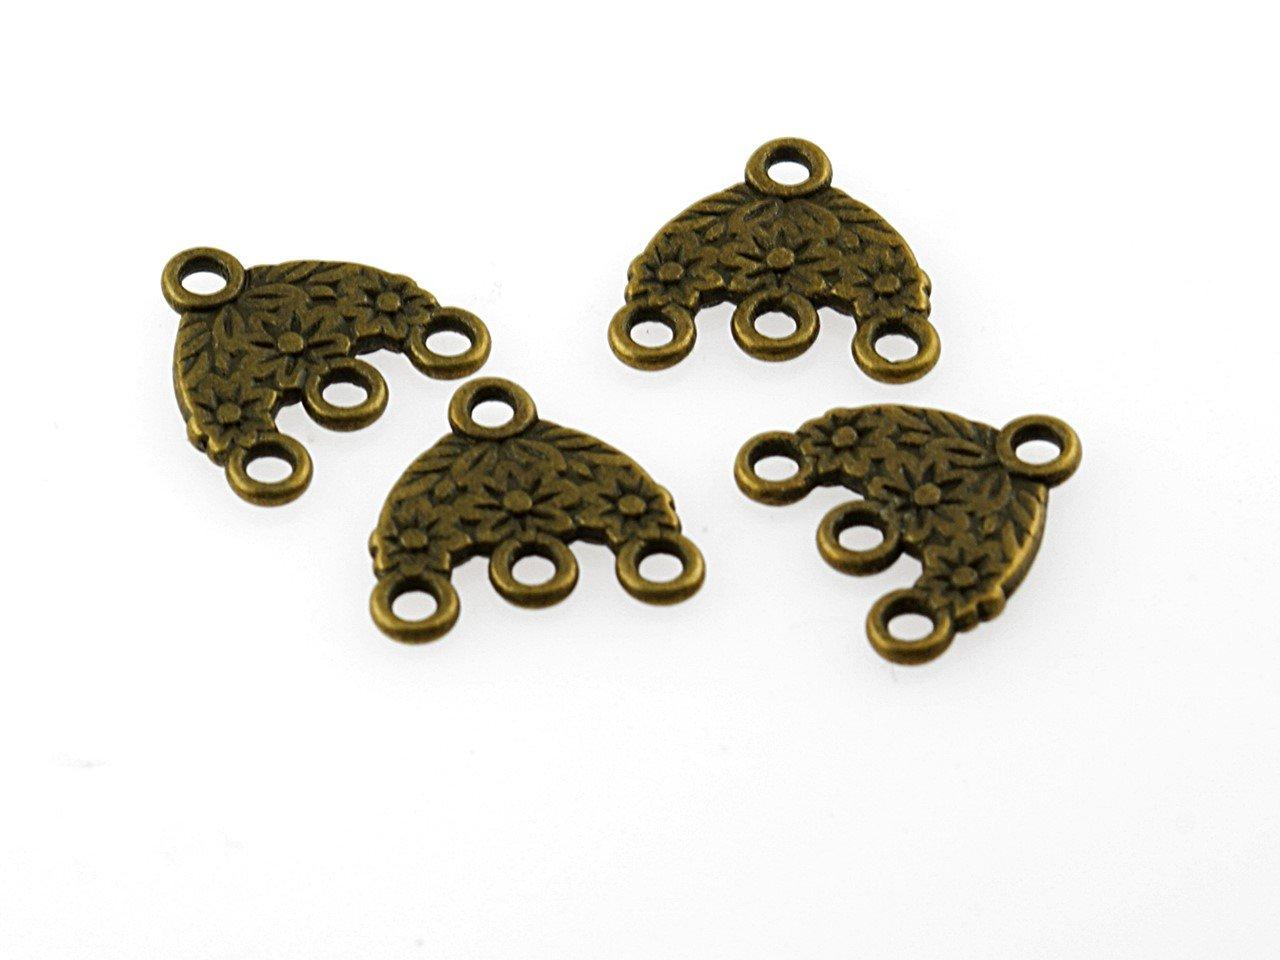 Knebelverschlüsse in antik bronzefarben 4 Stück von Vintageparts DIY-Schmuck